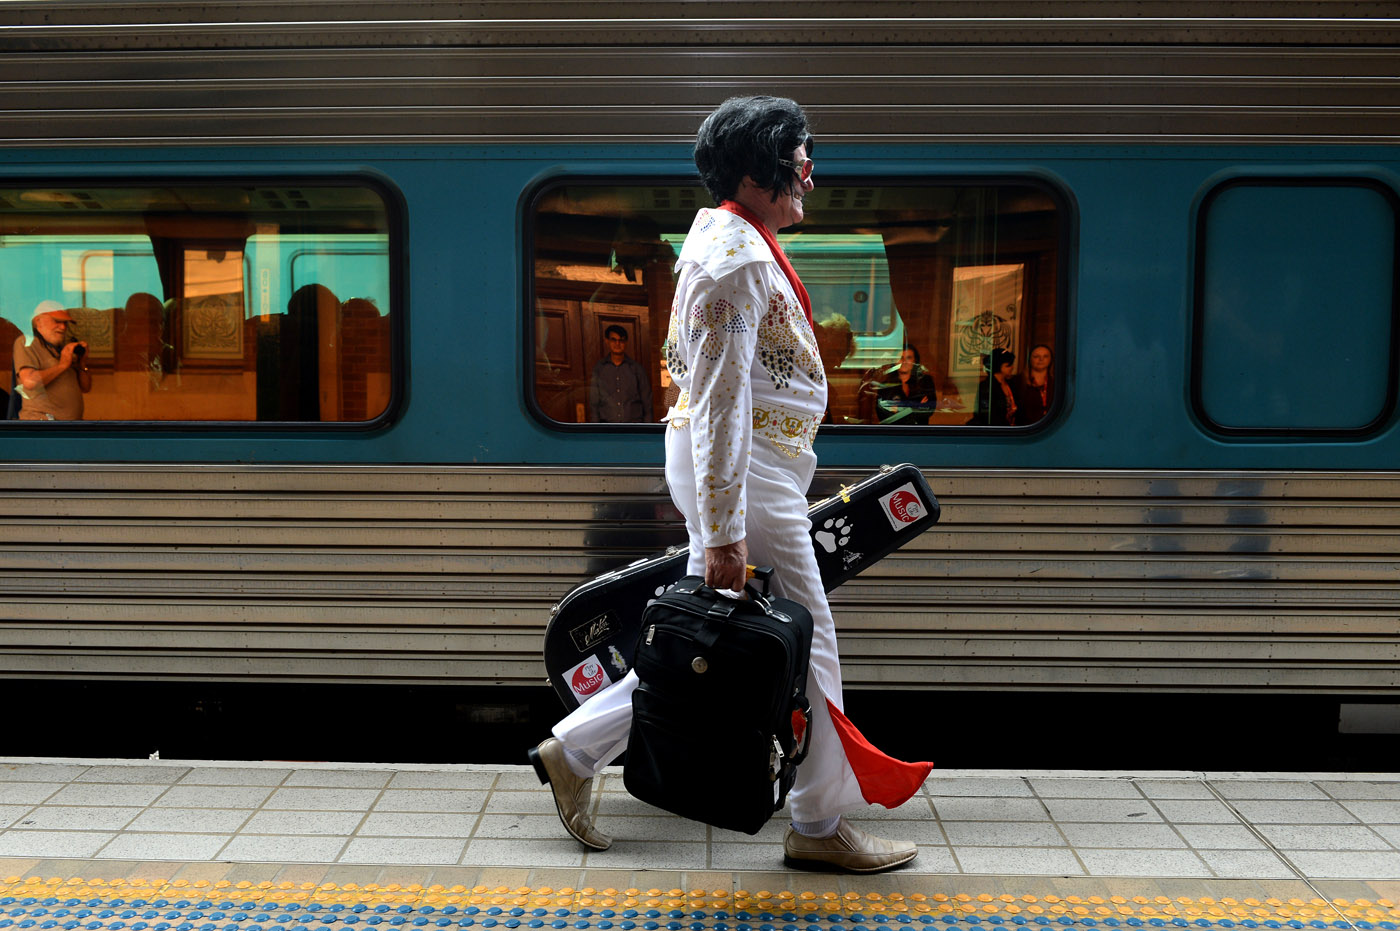 Sydney, Australia © Dan Himbrechts